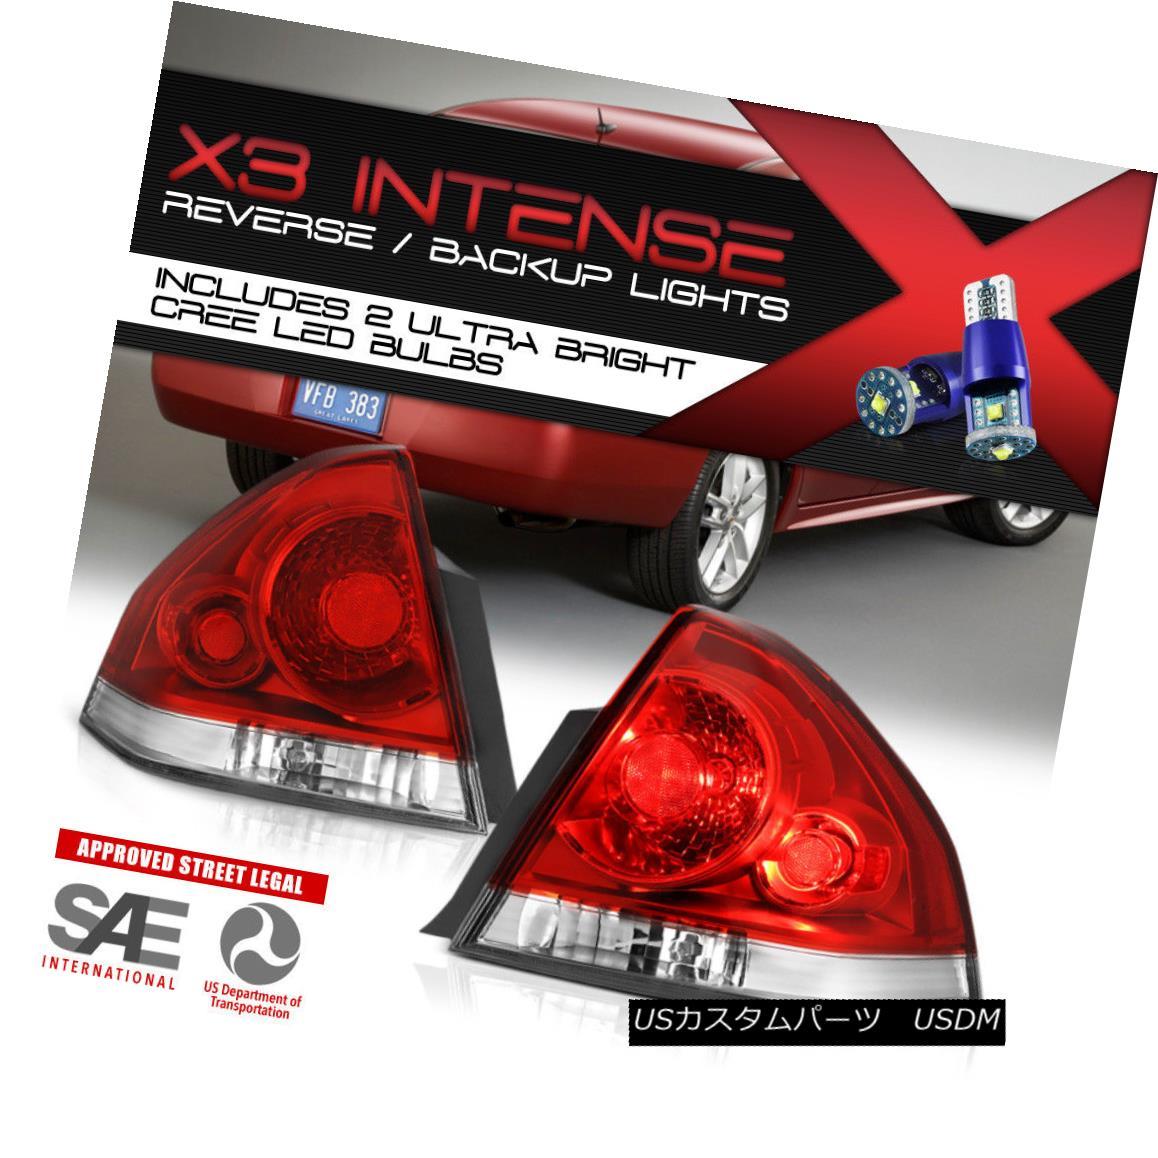 テールライト HIGH-POWER CREE REVERSE [LEFT+RIGHT] 06-13 Chevy 06-13 Impala Factory Chevy テールライト Red Tail Lights ハイパワークリーリバース[LEFT + RIGHT] 06-13 Chevy Impala Factoryレッドテールライト, neneno -ネネノ インテリア-:764be9c2 --- officewill.xsrv.jp